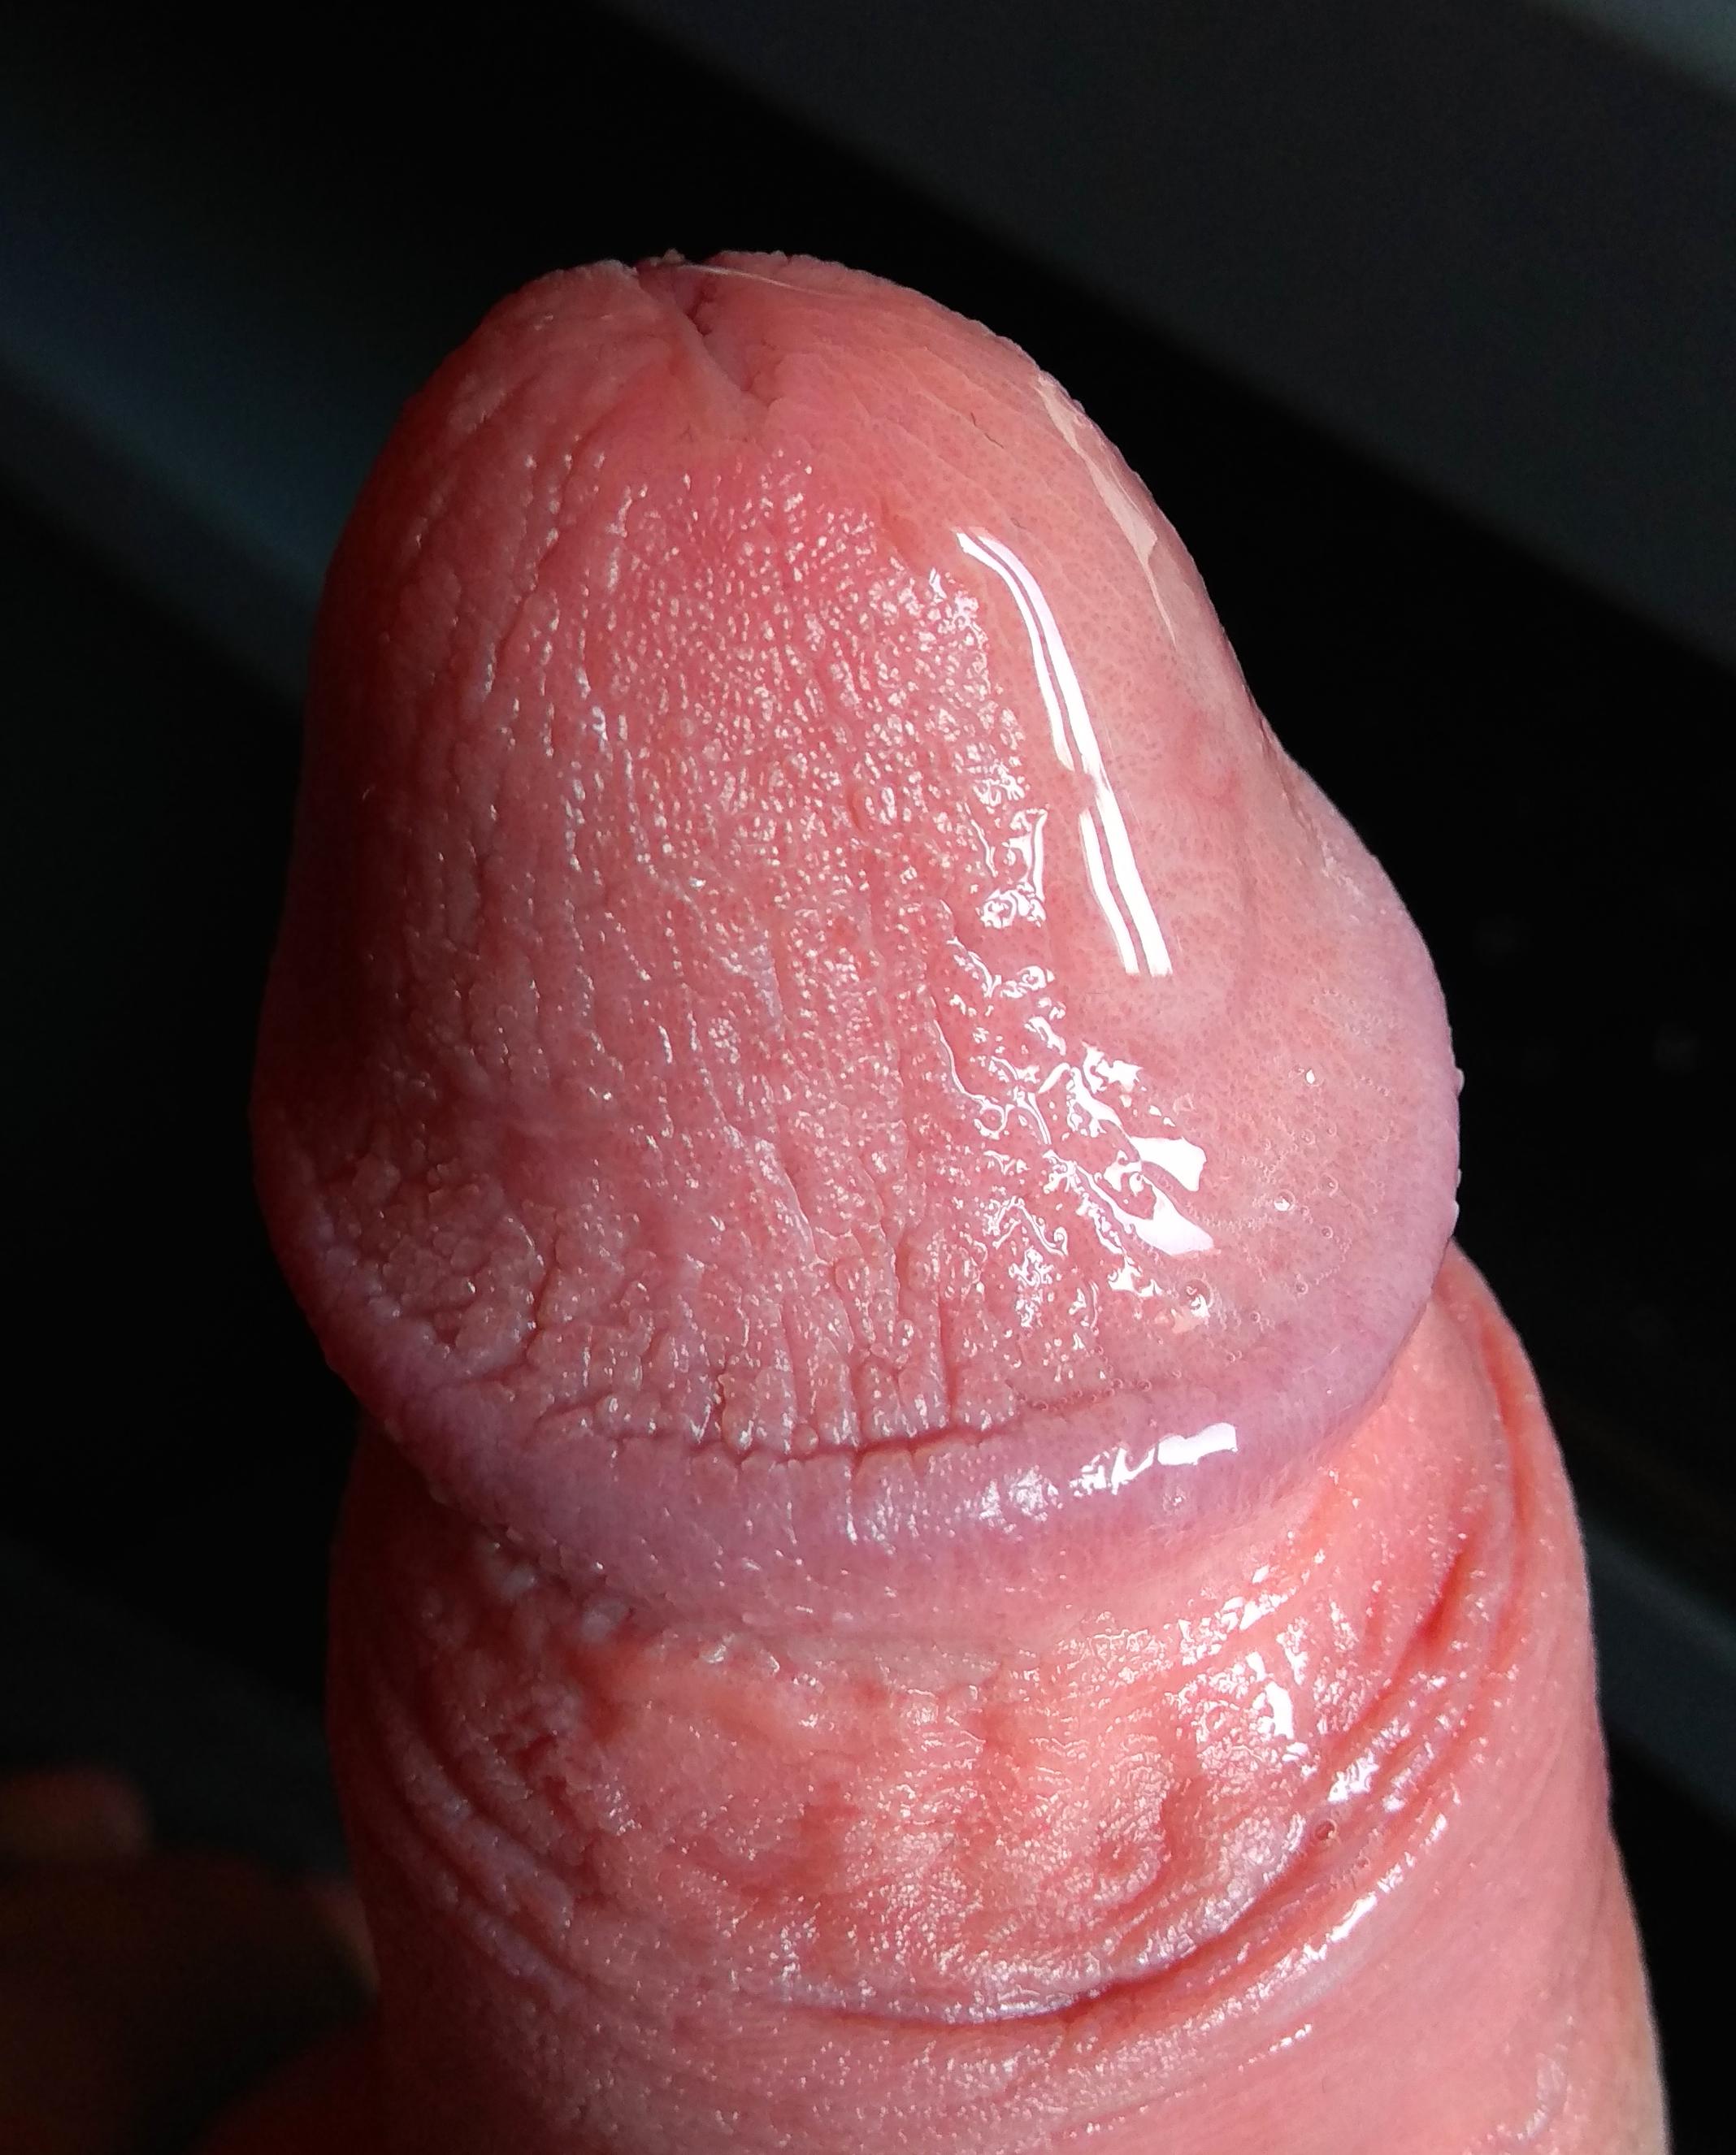 miért 25 évesen rossz a merevedés hogyan lehet megfelelően megnövelni a péniszet